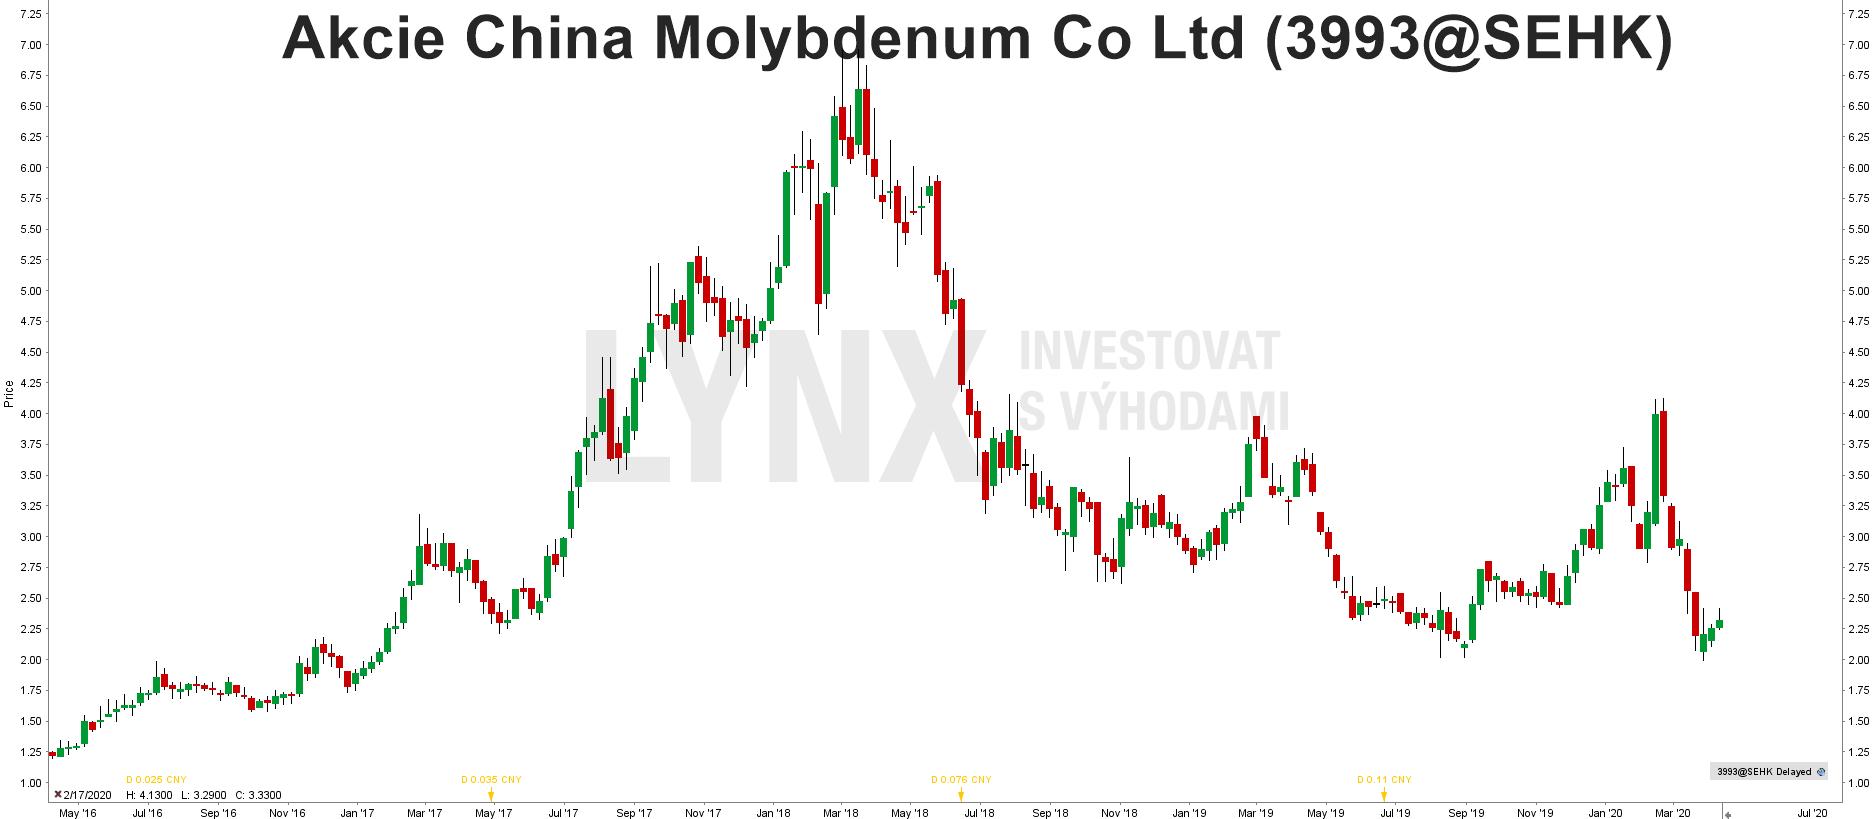 Graf akcie China Molybdenum (3993)